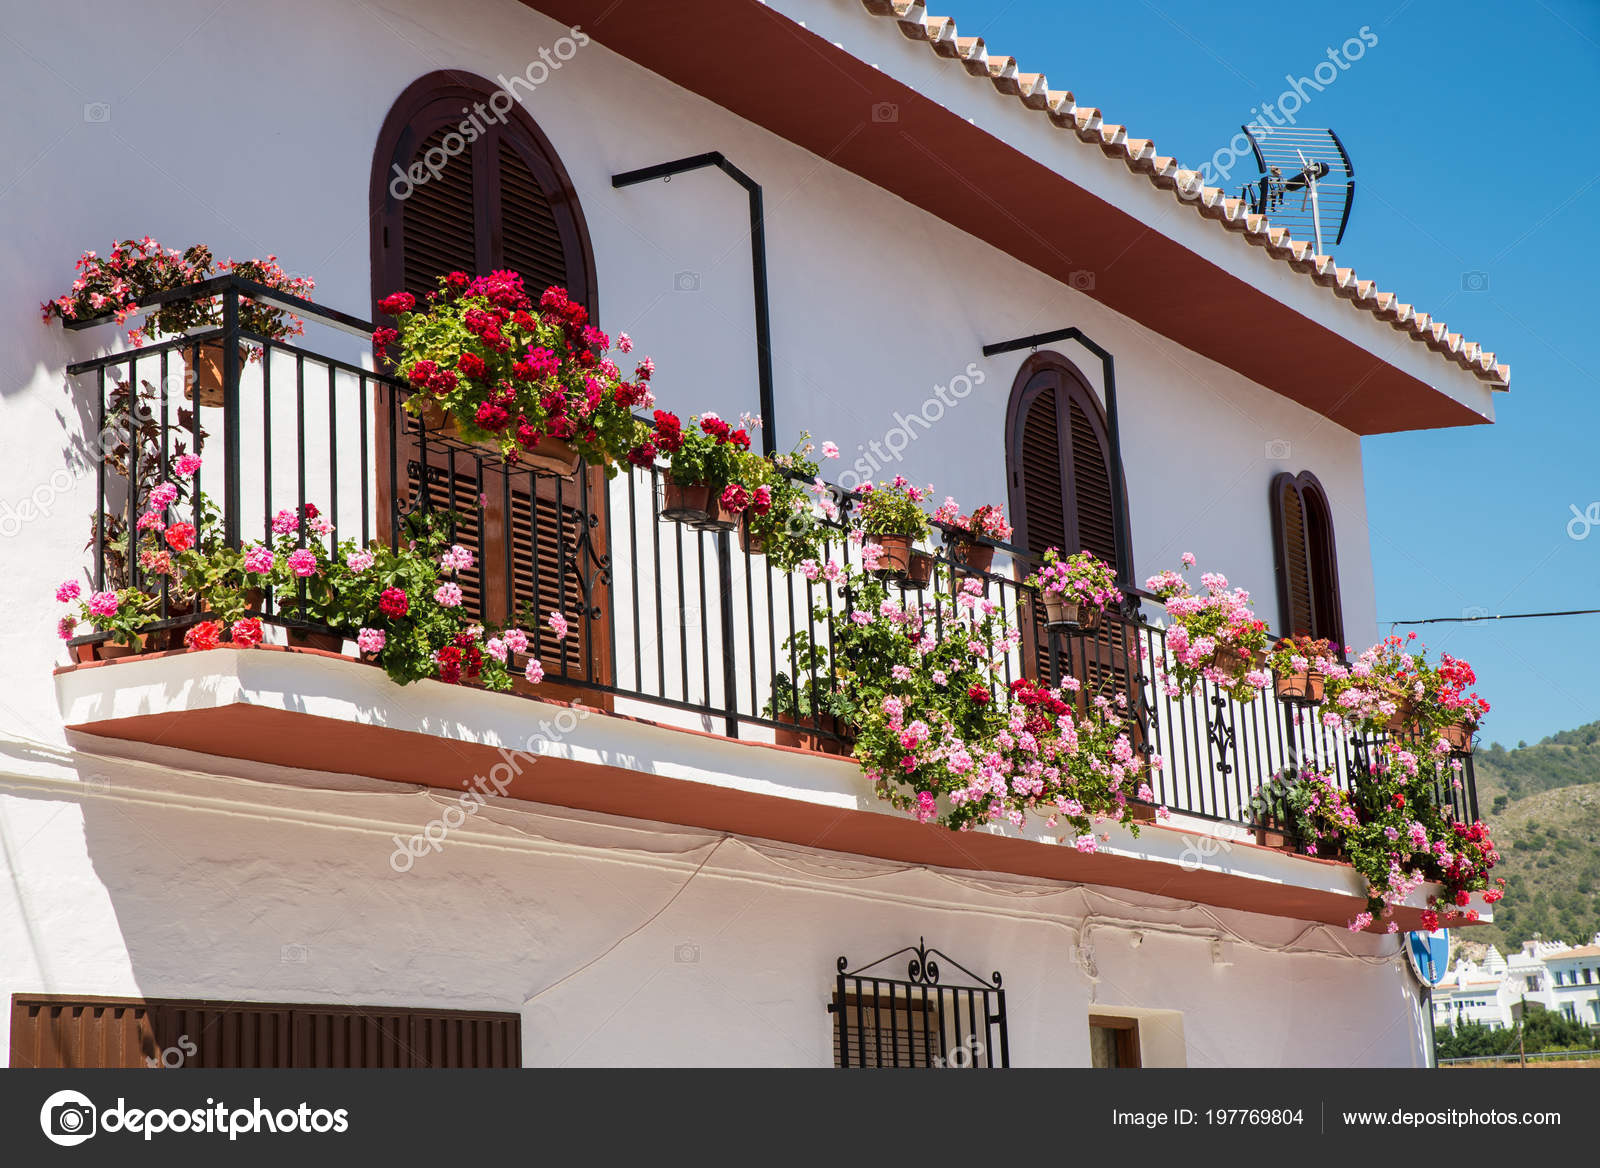 Andalusische Balkon Blumentopfe Stockfoto C Olafspeier 197769804